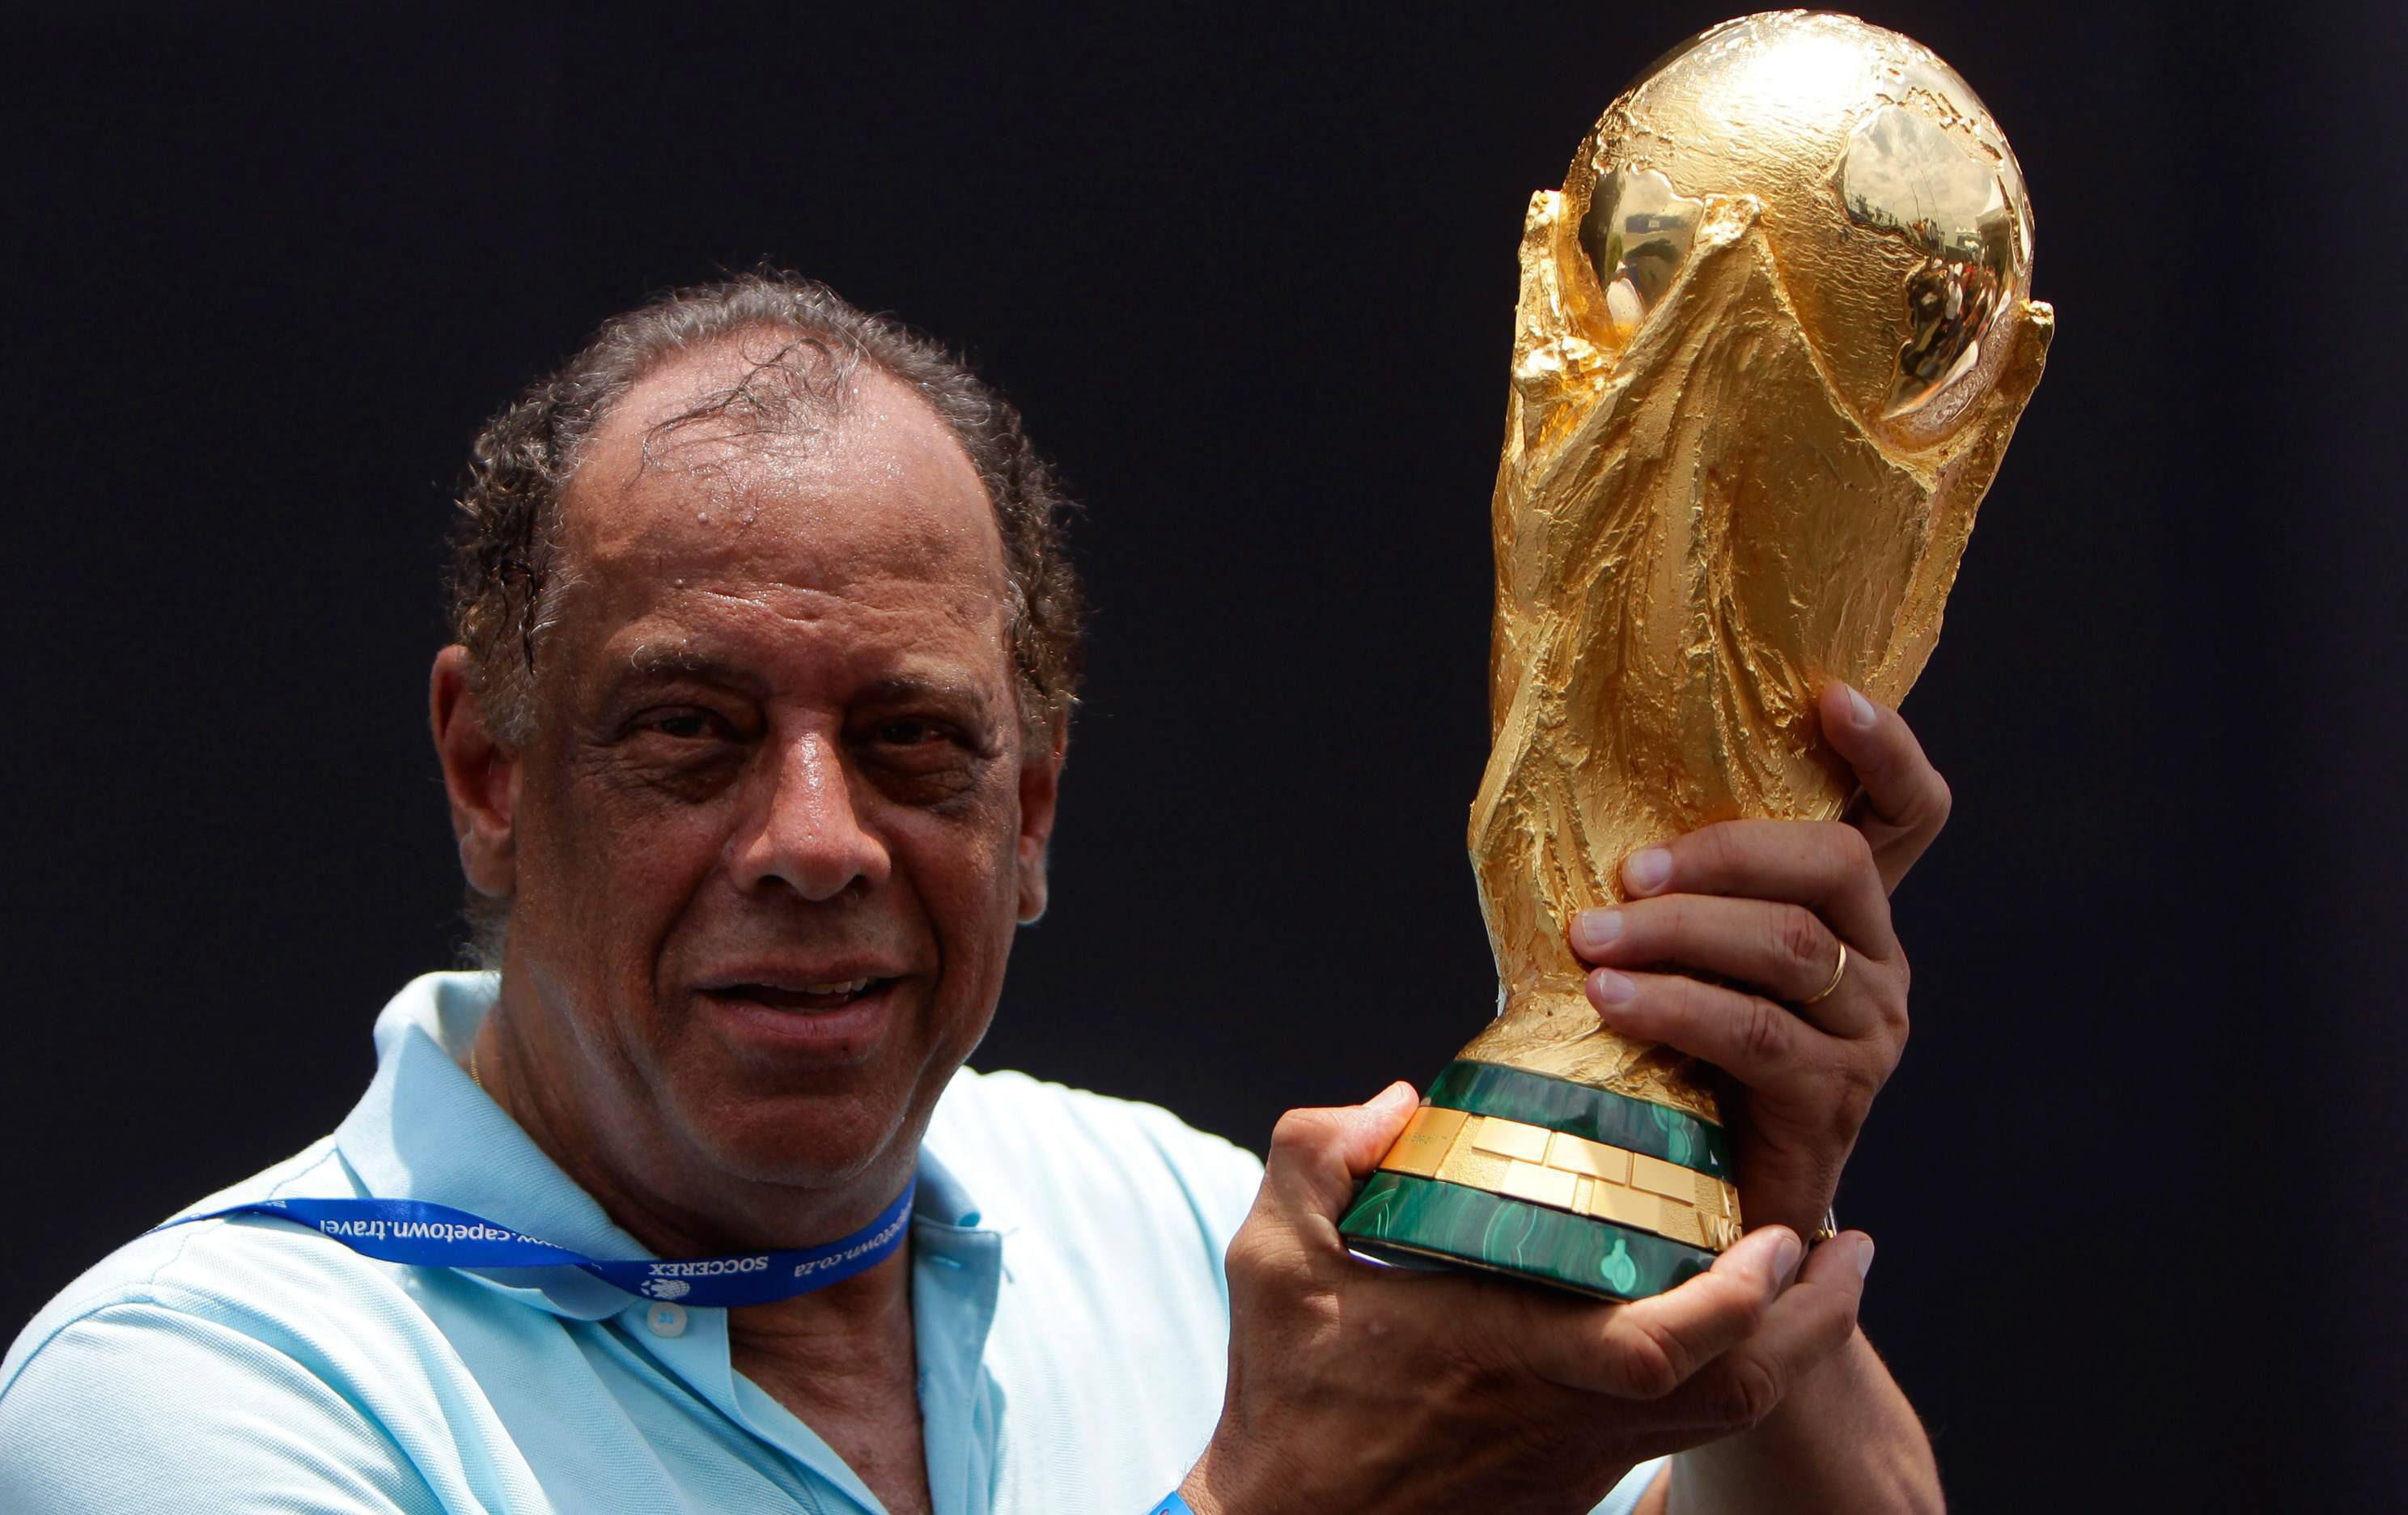 وفاة كارلوس البرتو توريس قائد المنتخب البرازيلي الاسطوري لعام 1970